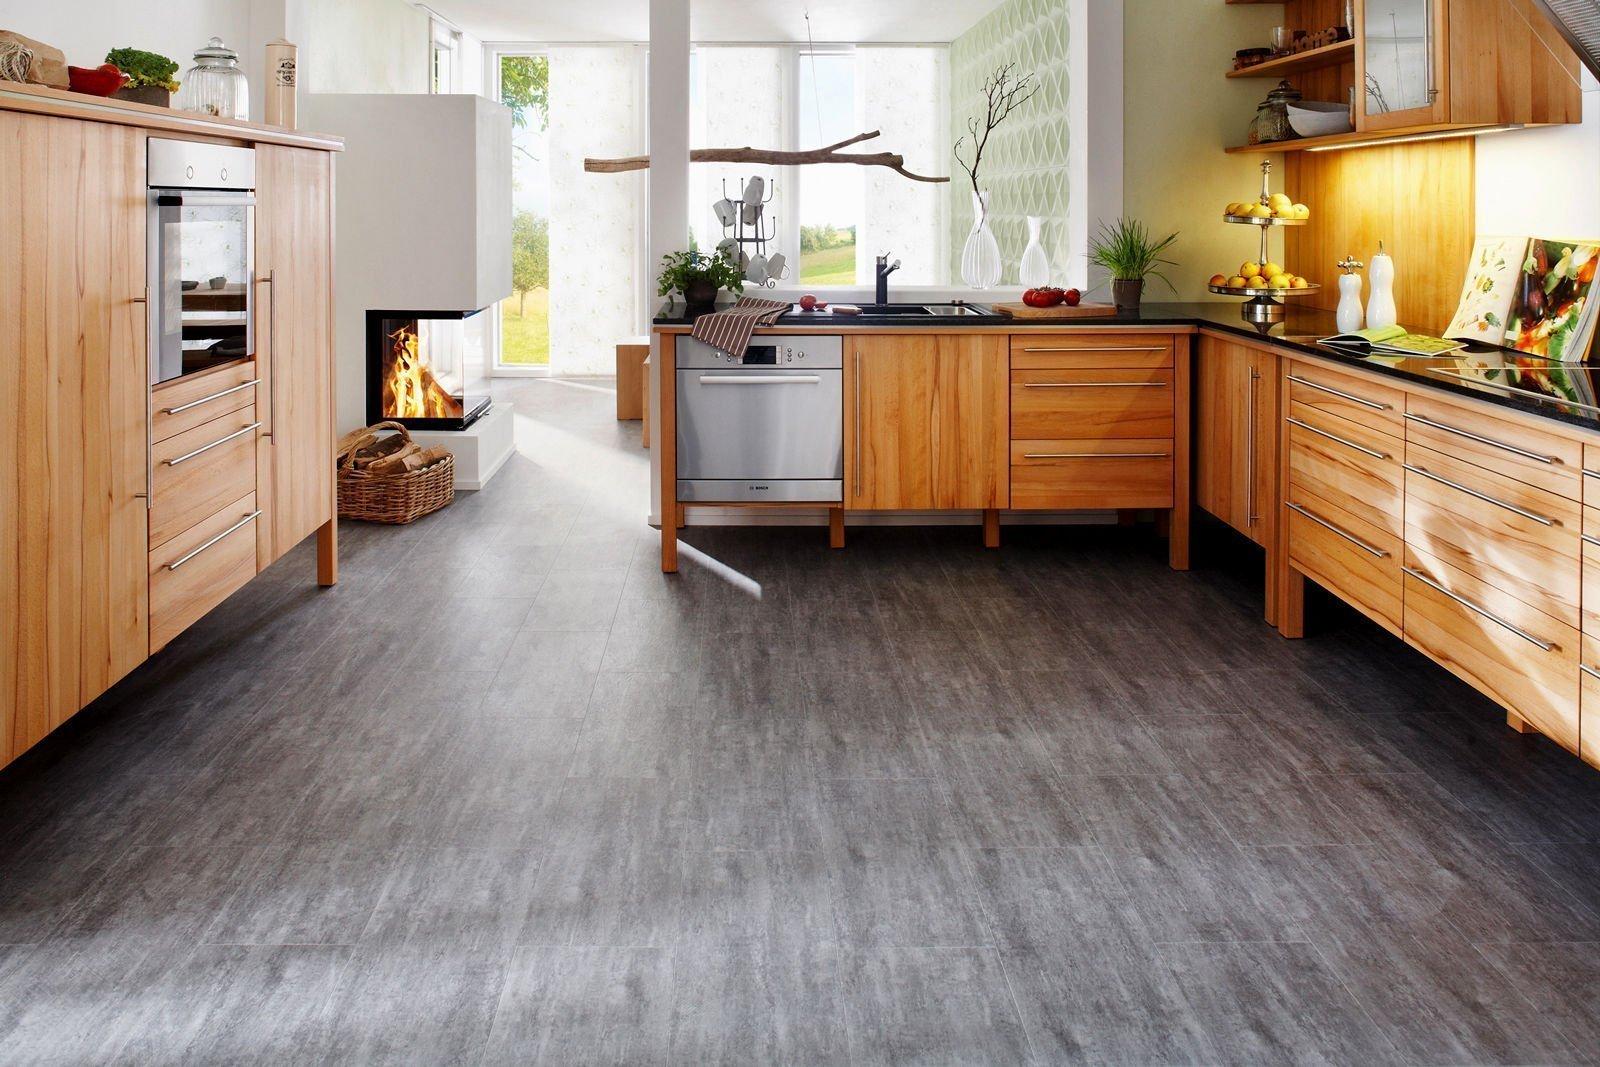 Современное напольное покрытие на кухню в квартире — что выбрать